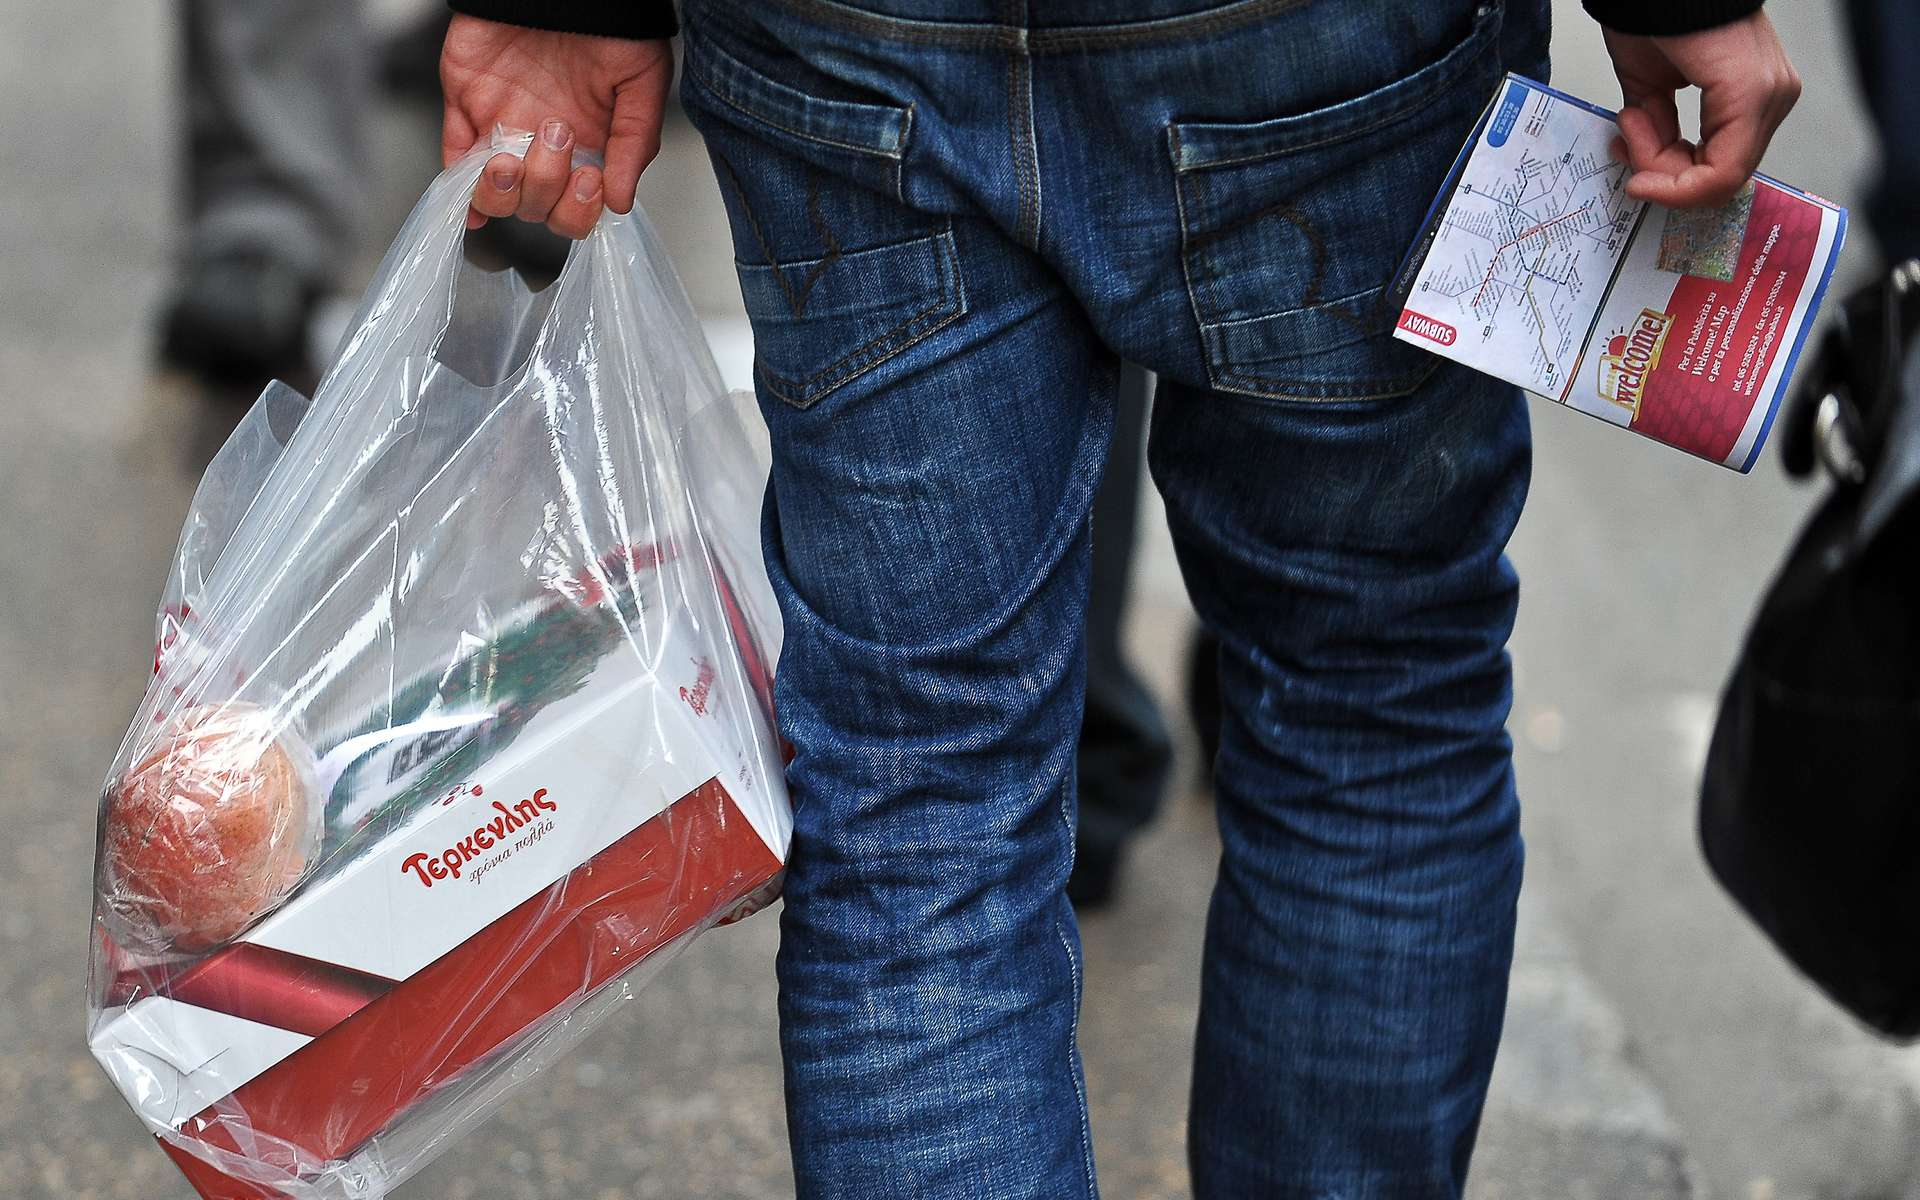 Déjà, sous l'effet d'une convention volontaire, le nombre de sacs plastiques de caisse distribués en France dans les grandes surfaces alimentaires est passé de 10,5 milliards à 700 millions entre 2002 et 2011, souligne le gouvernement. © AFP Photo / Andreas Solaro